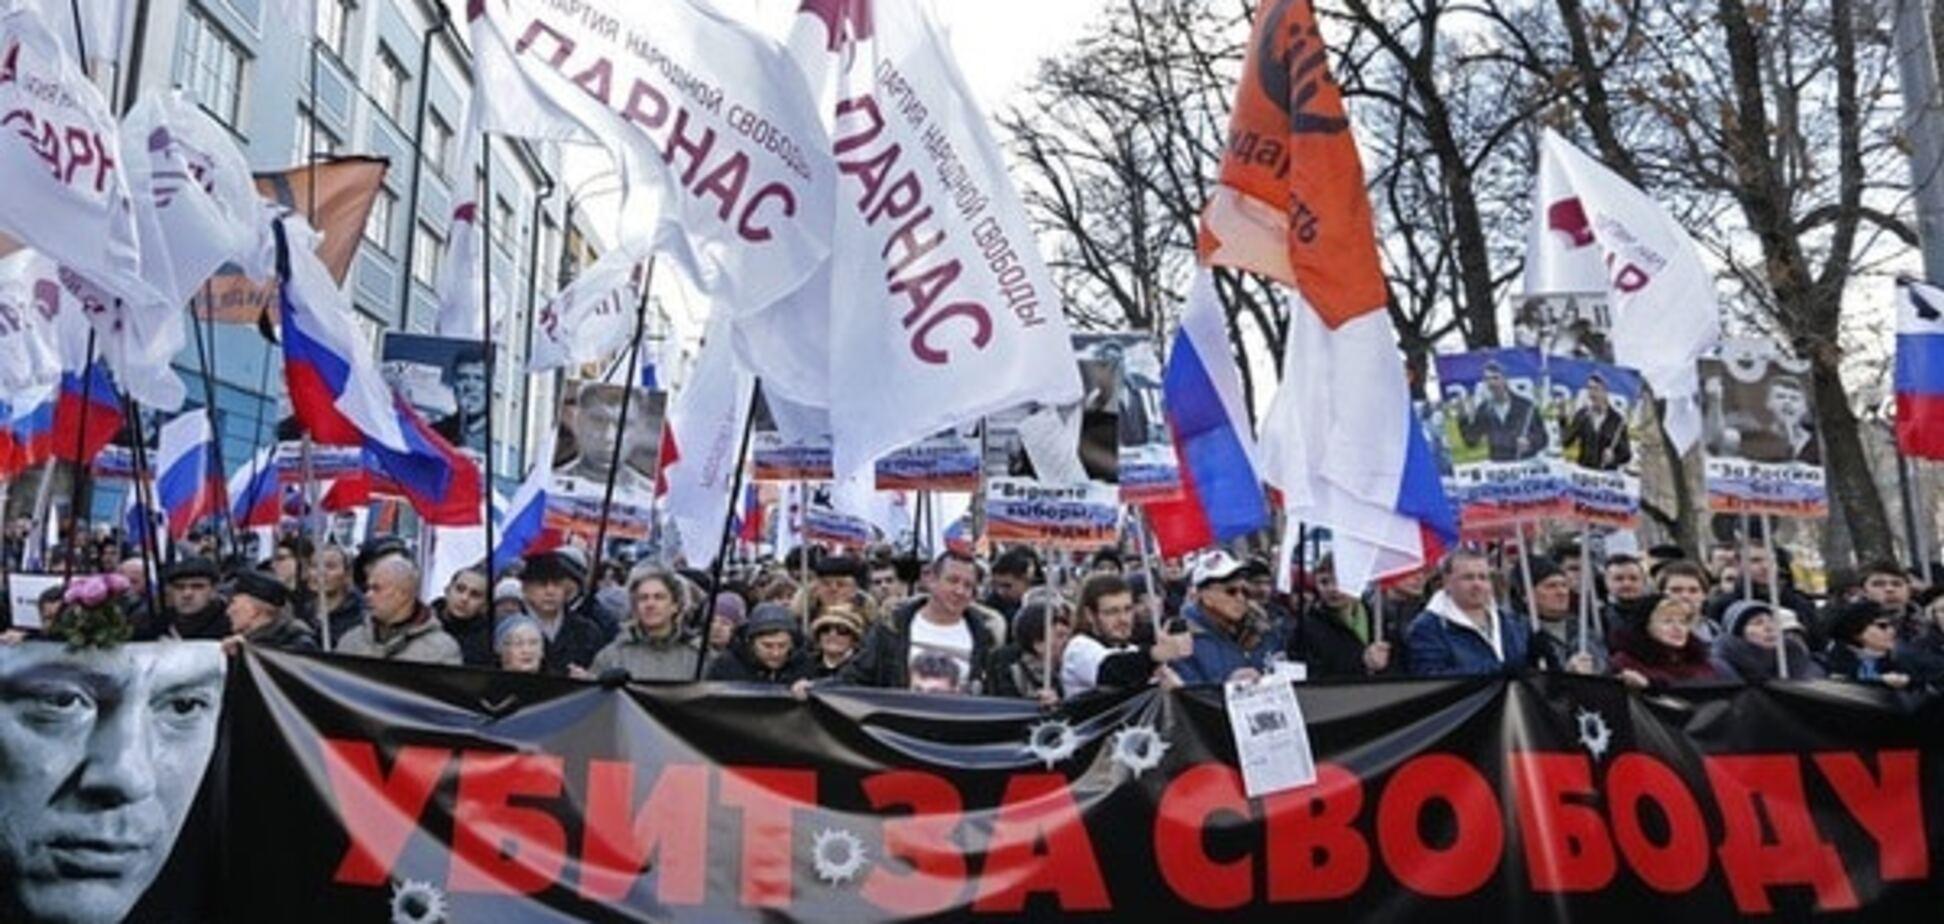 'Убит за свободу': в Москве состоялся марш памяти Немцова. Опубликованы фото и видео